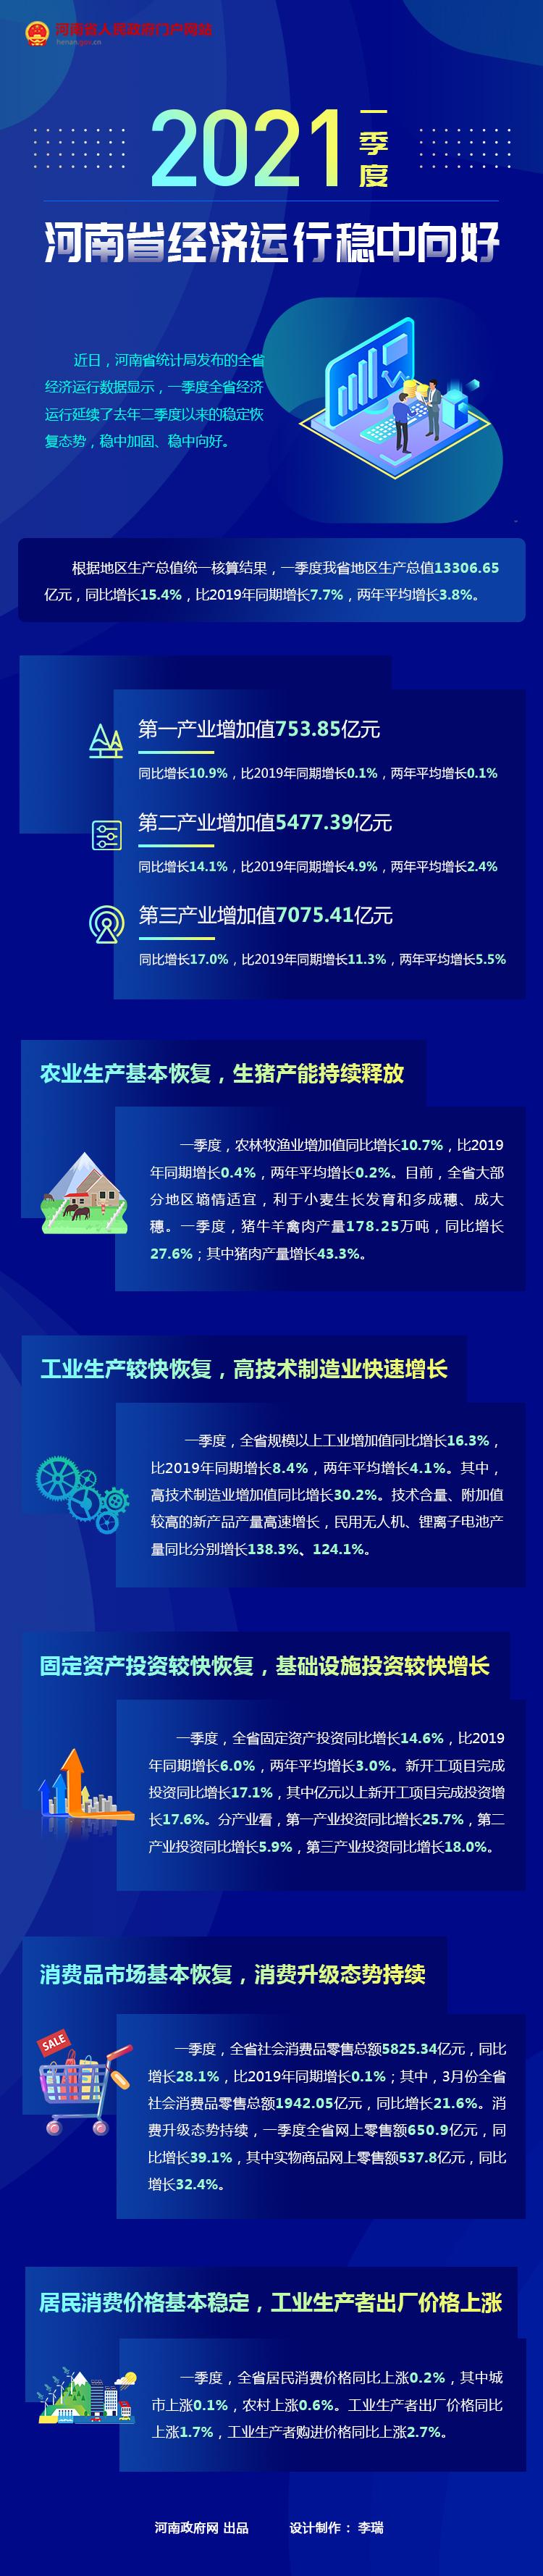 图解:2021年一季度河南省经济运行稳中向好